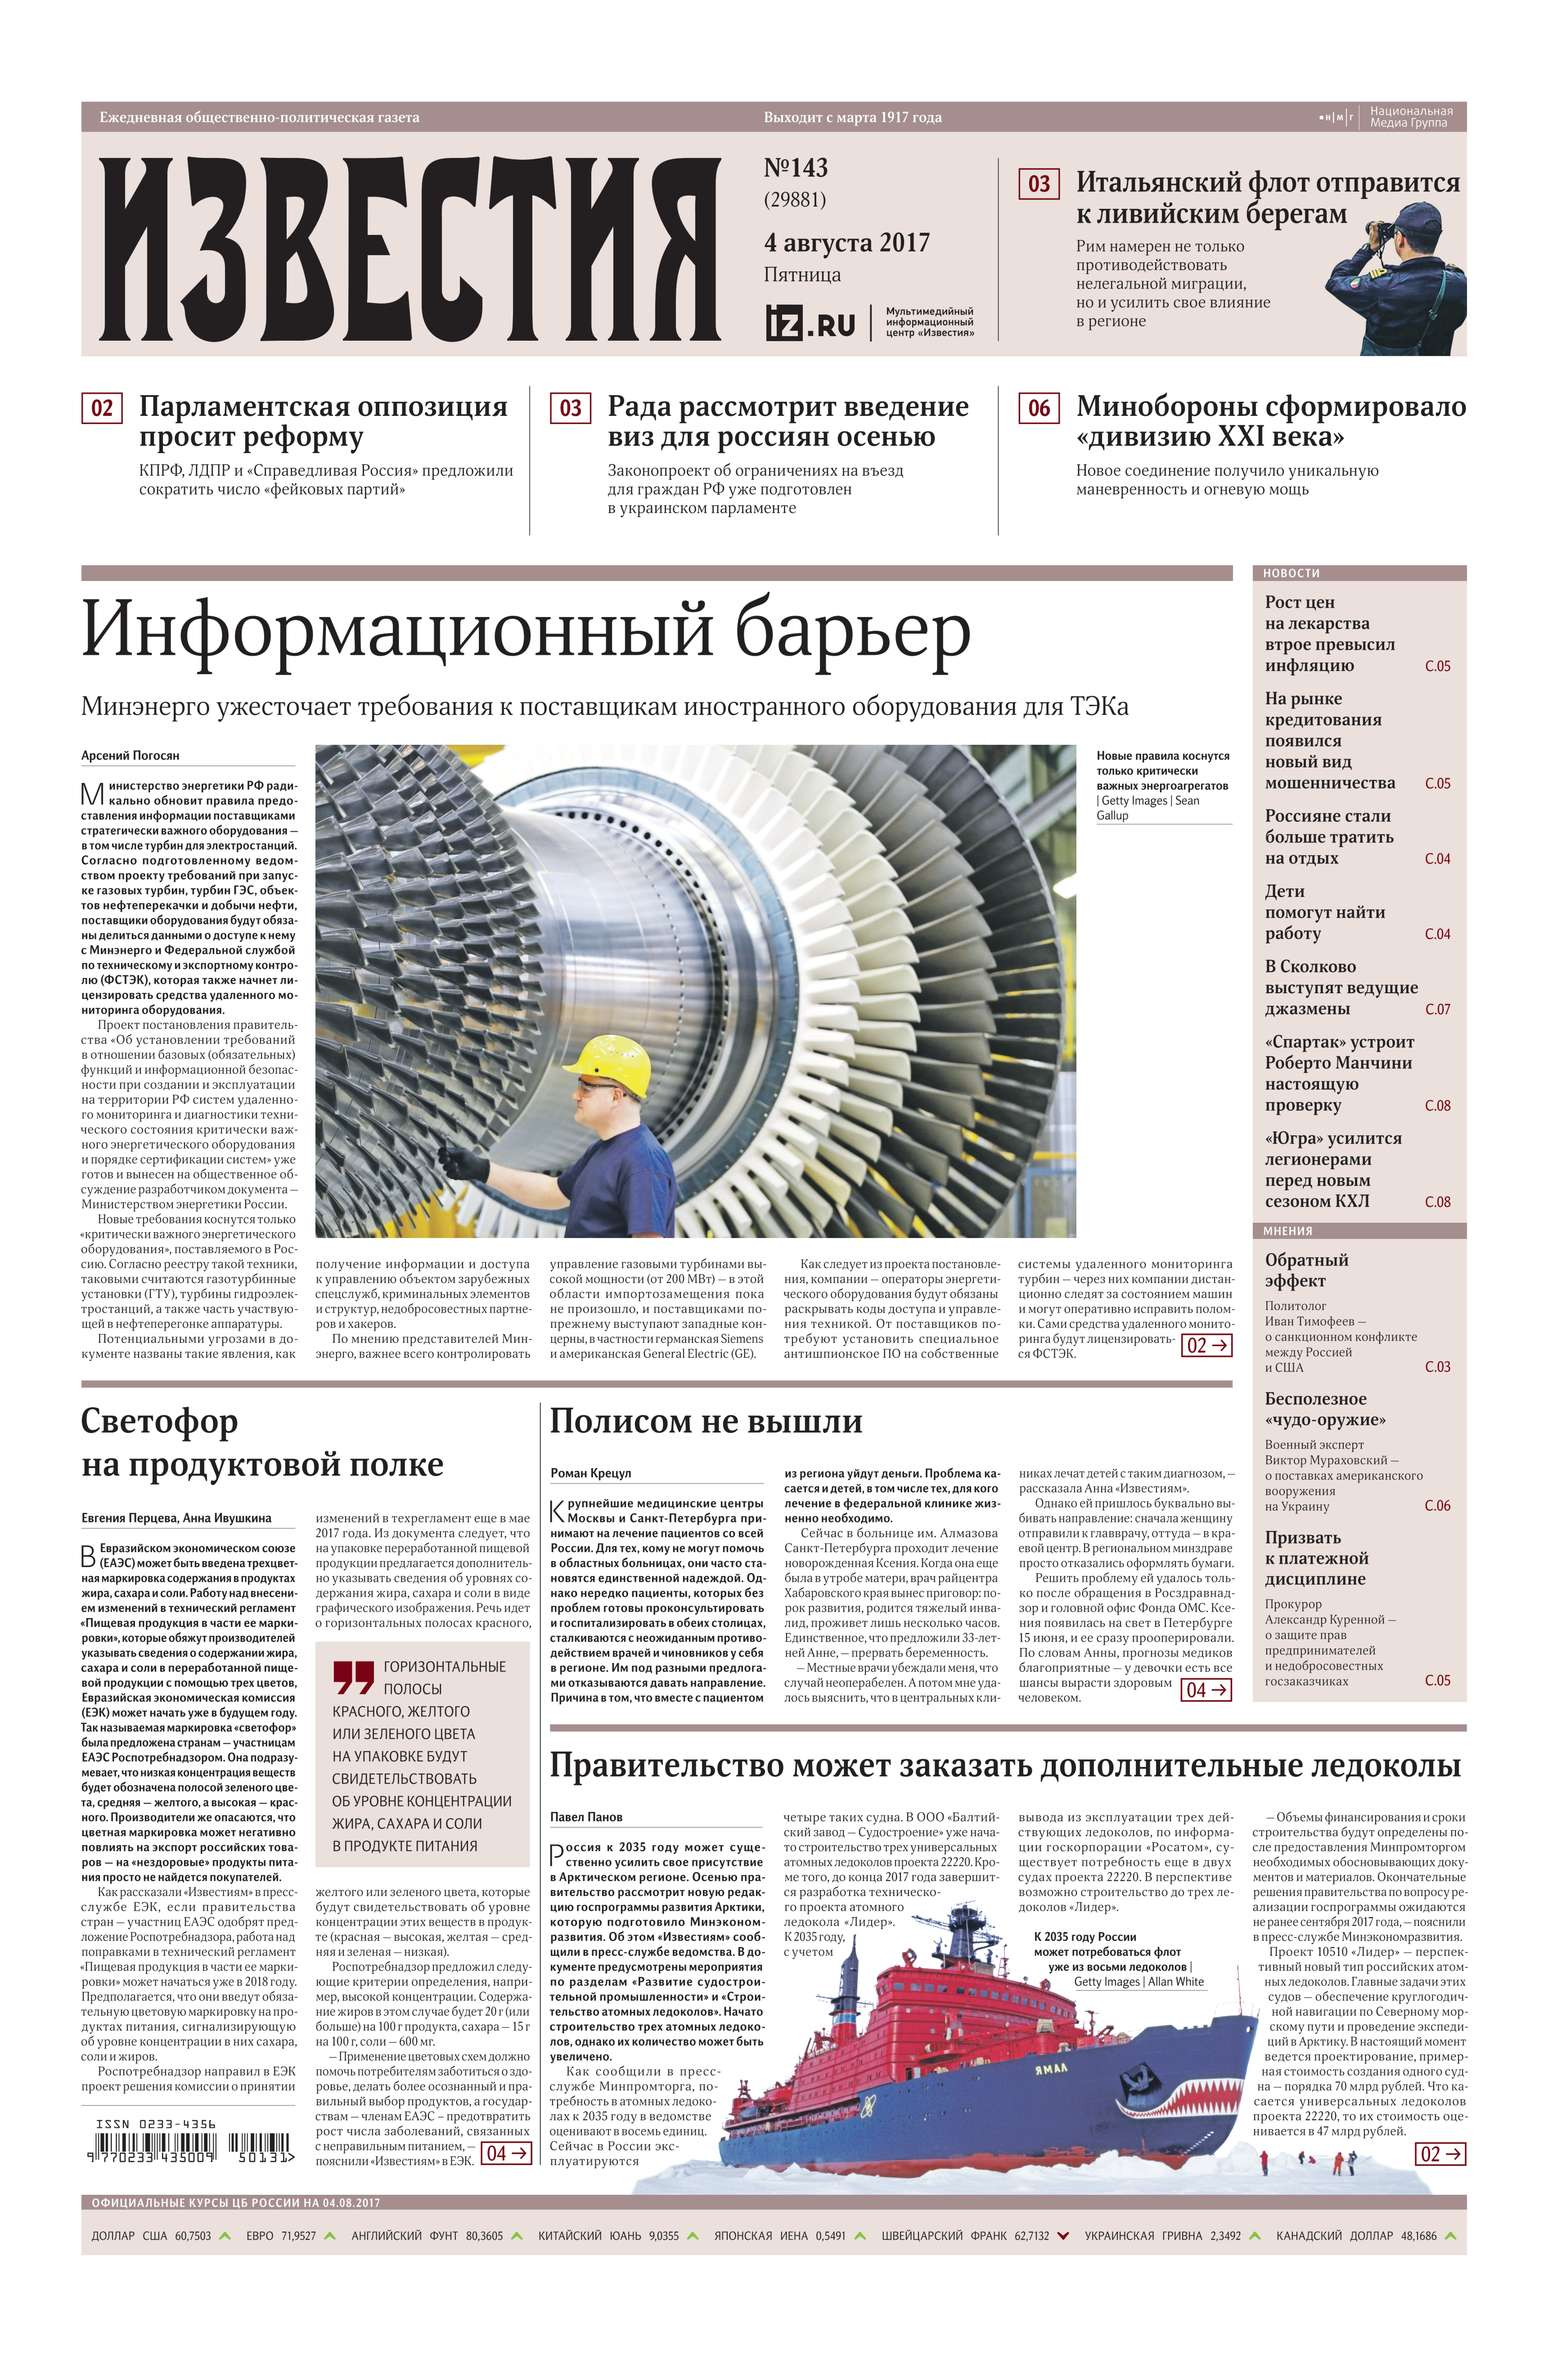 Редакция газеты Известия Известия 143-2017 цена